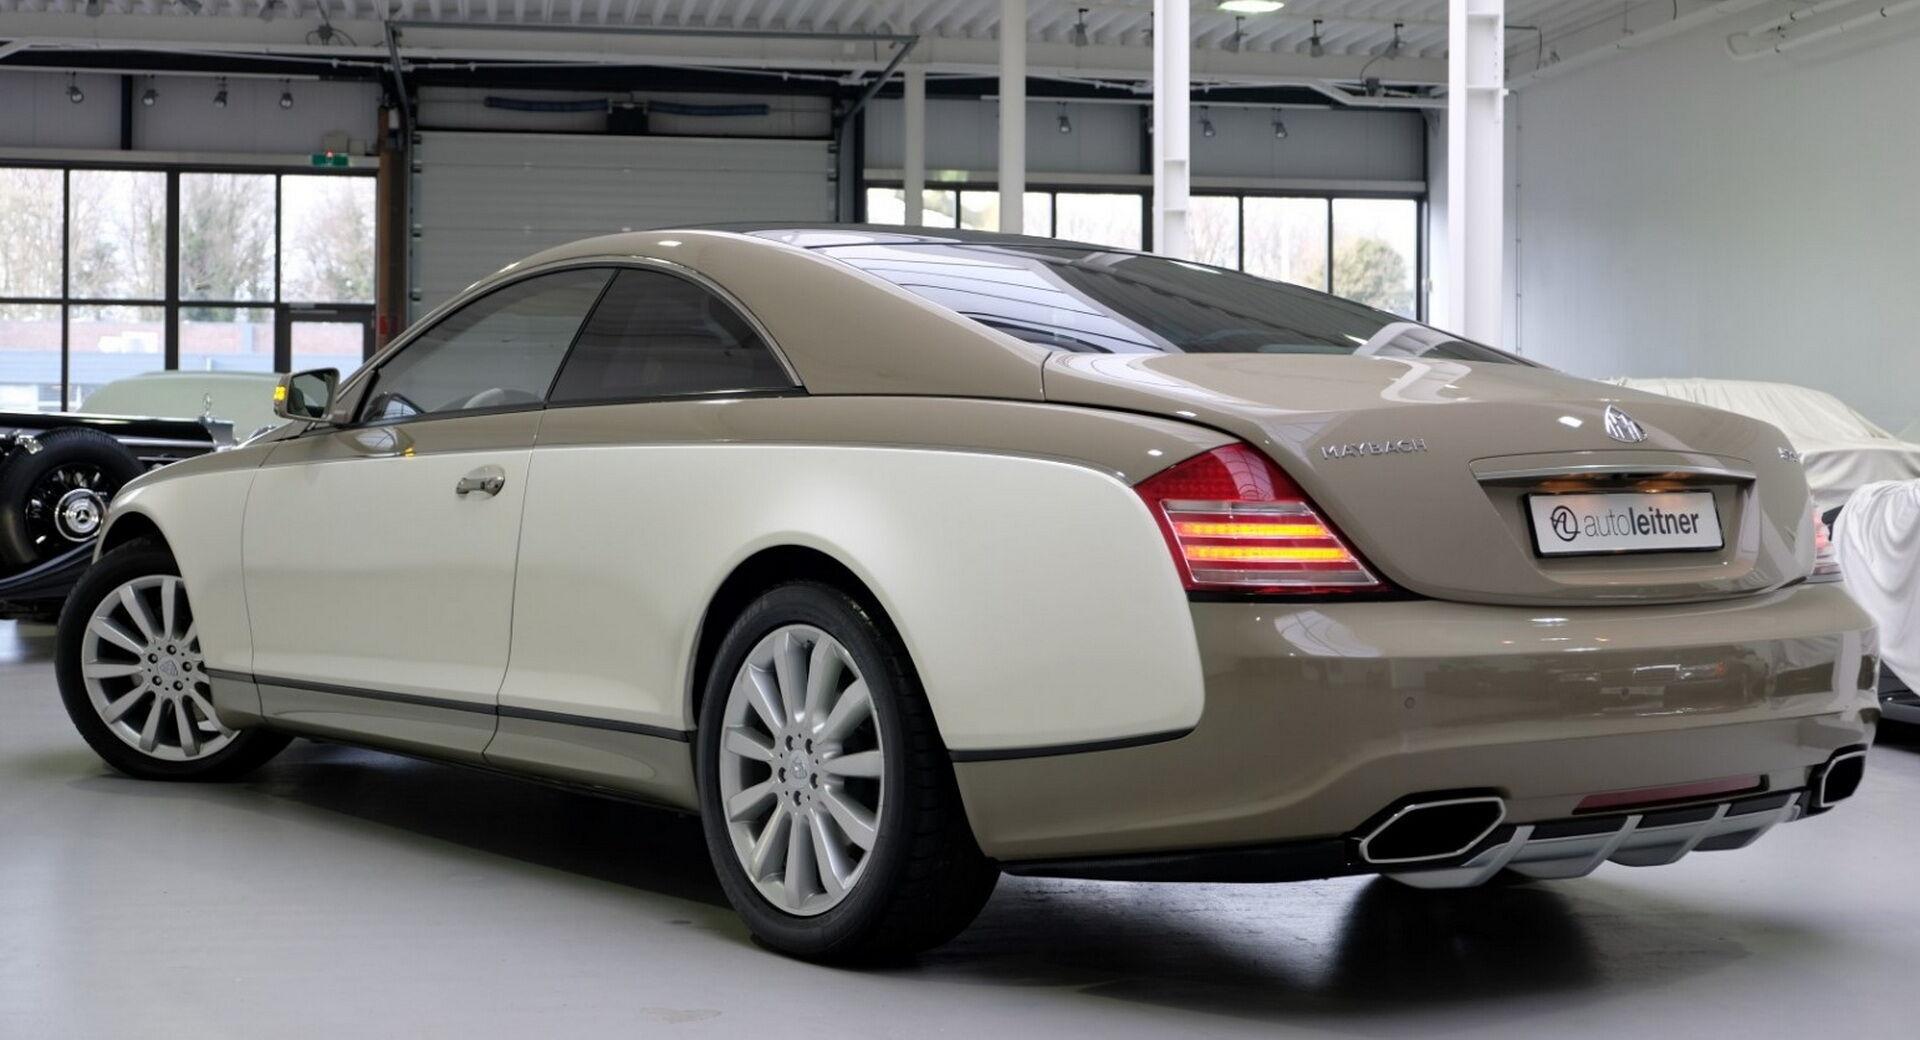 Сегодня за Xenatec Maybach 57S Coupe просят 961950 евро с учетом местных налогов, что составляет $1,16 млн с учетом нынешнего обменного курса